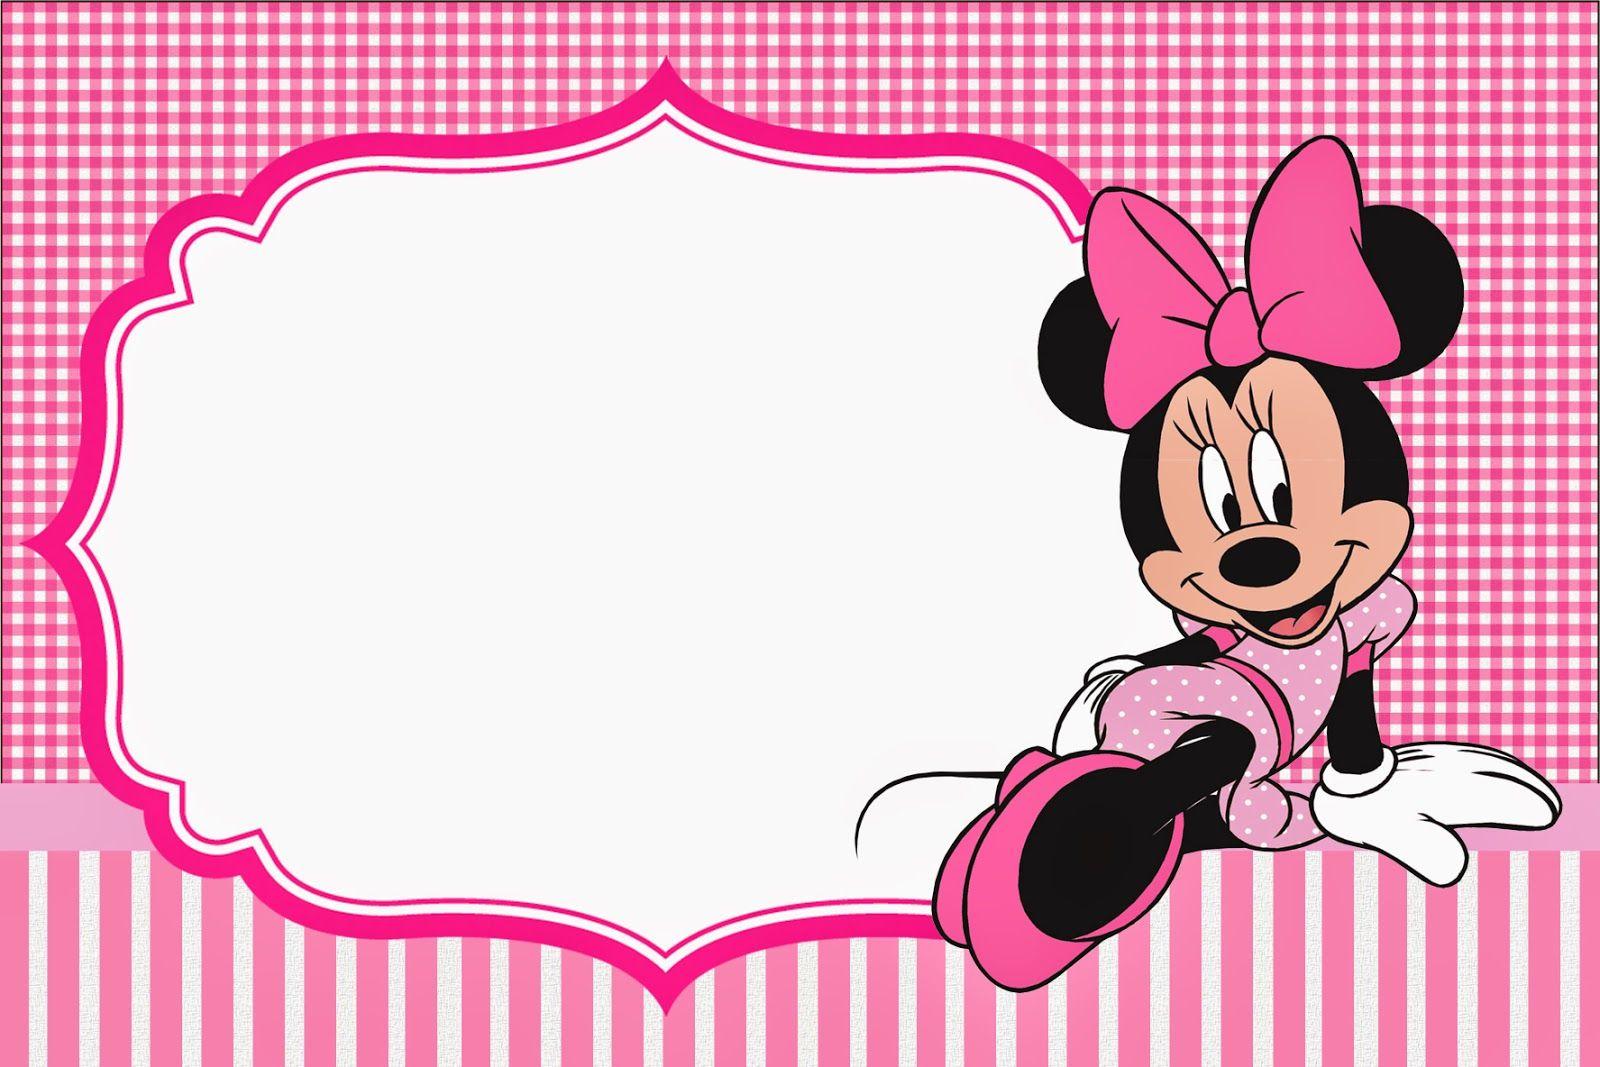 Pin von Jessica Gonzalez auf minnie and mickey mouse | Pinterest ...